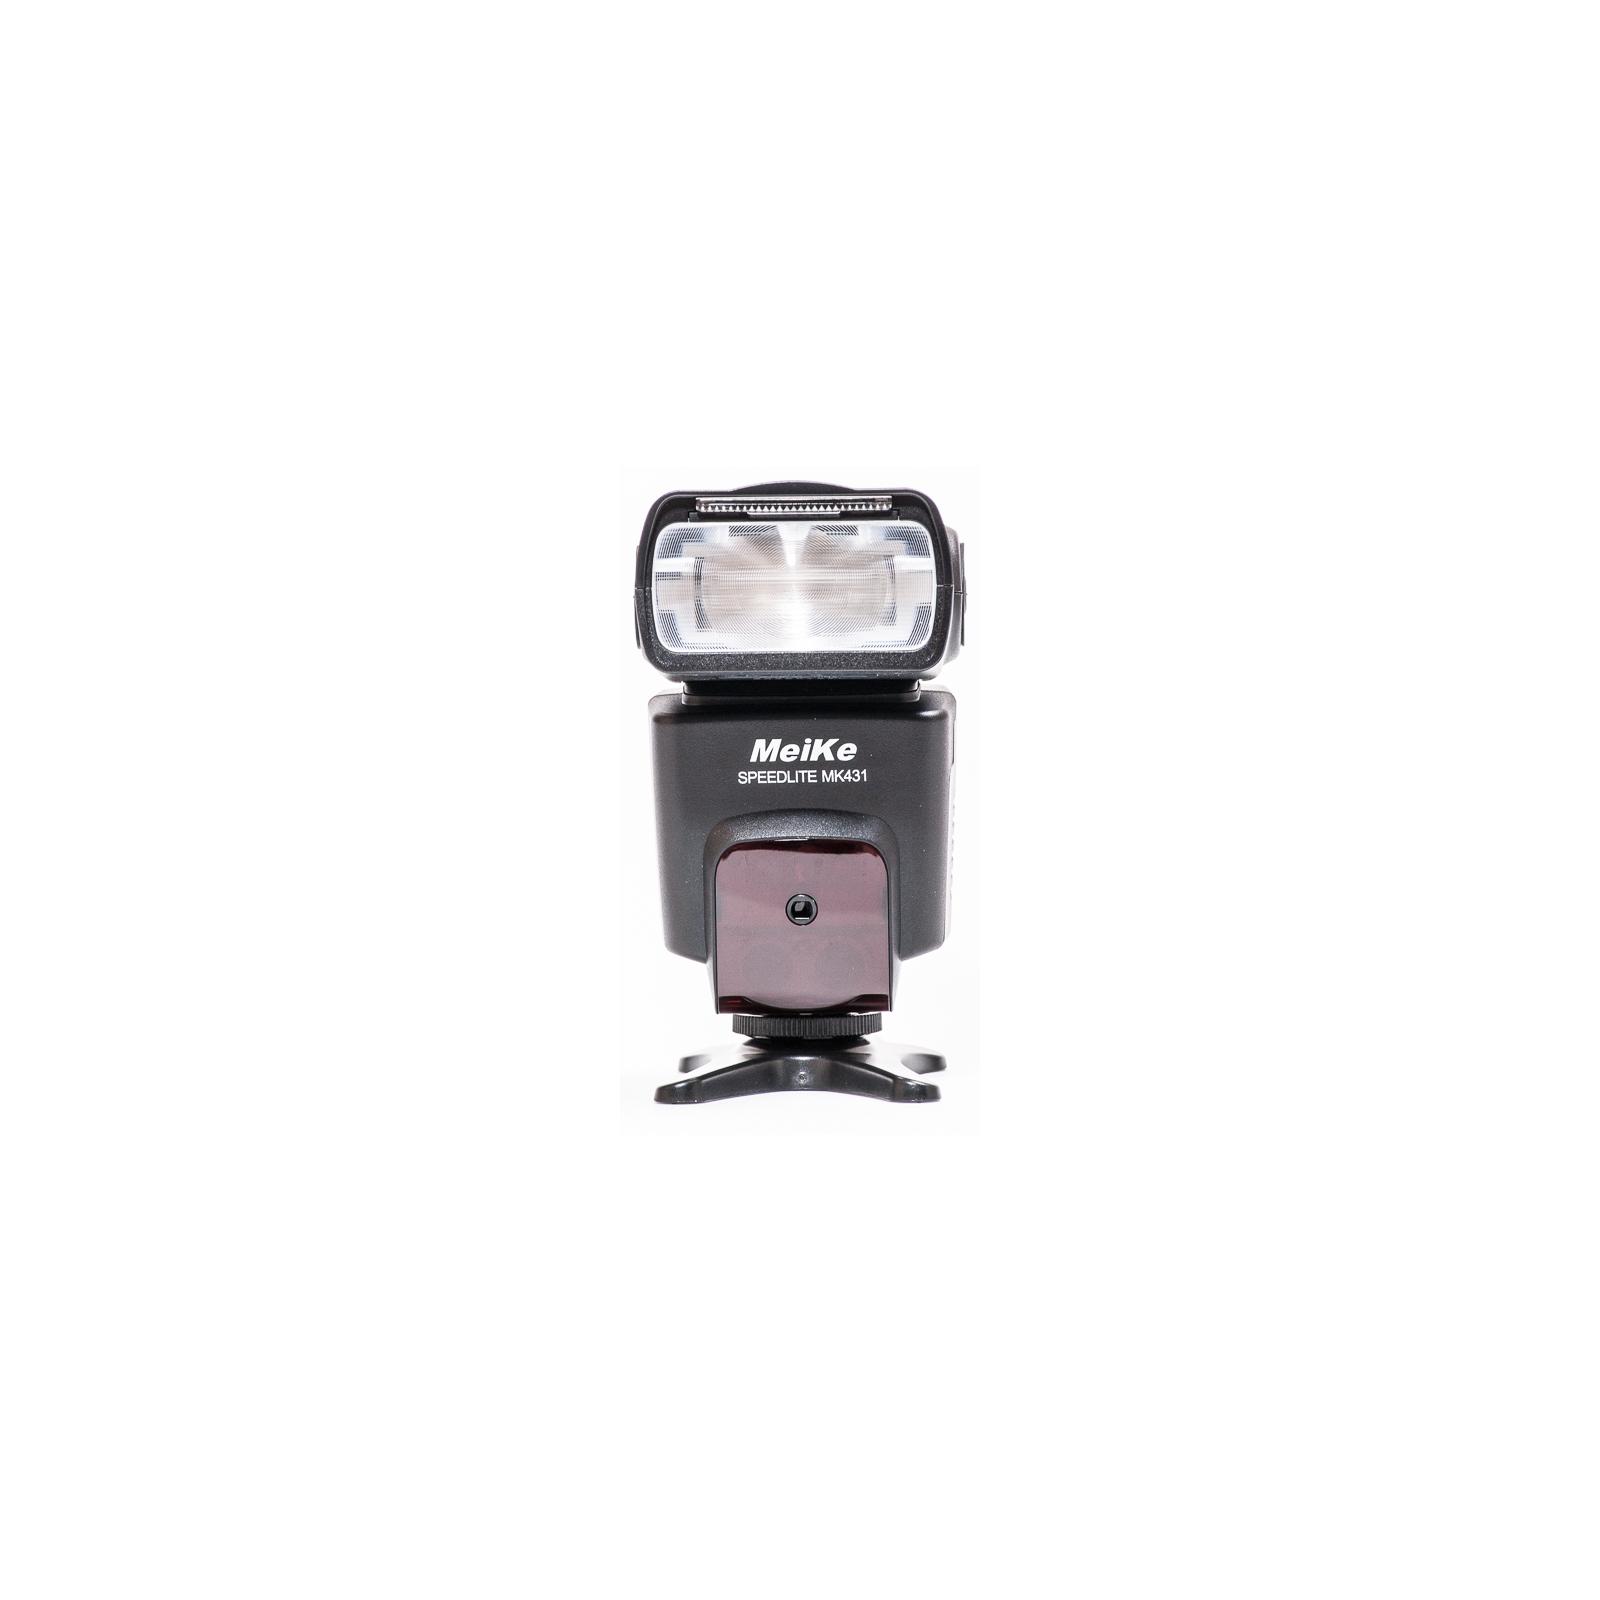 Вспышка Meike Canon 431 (SKW431C) изображение 4